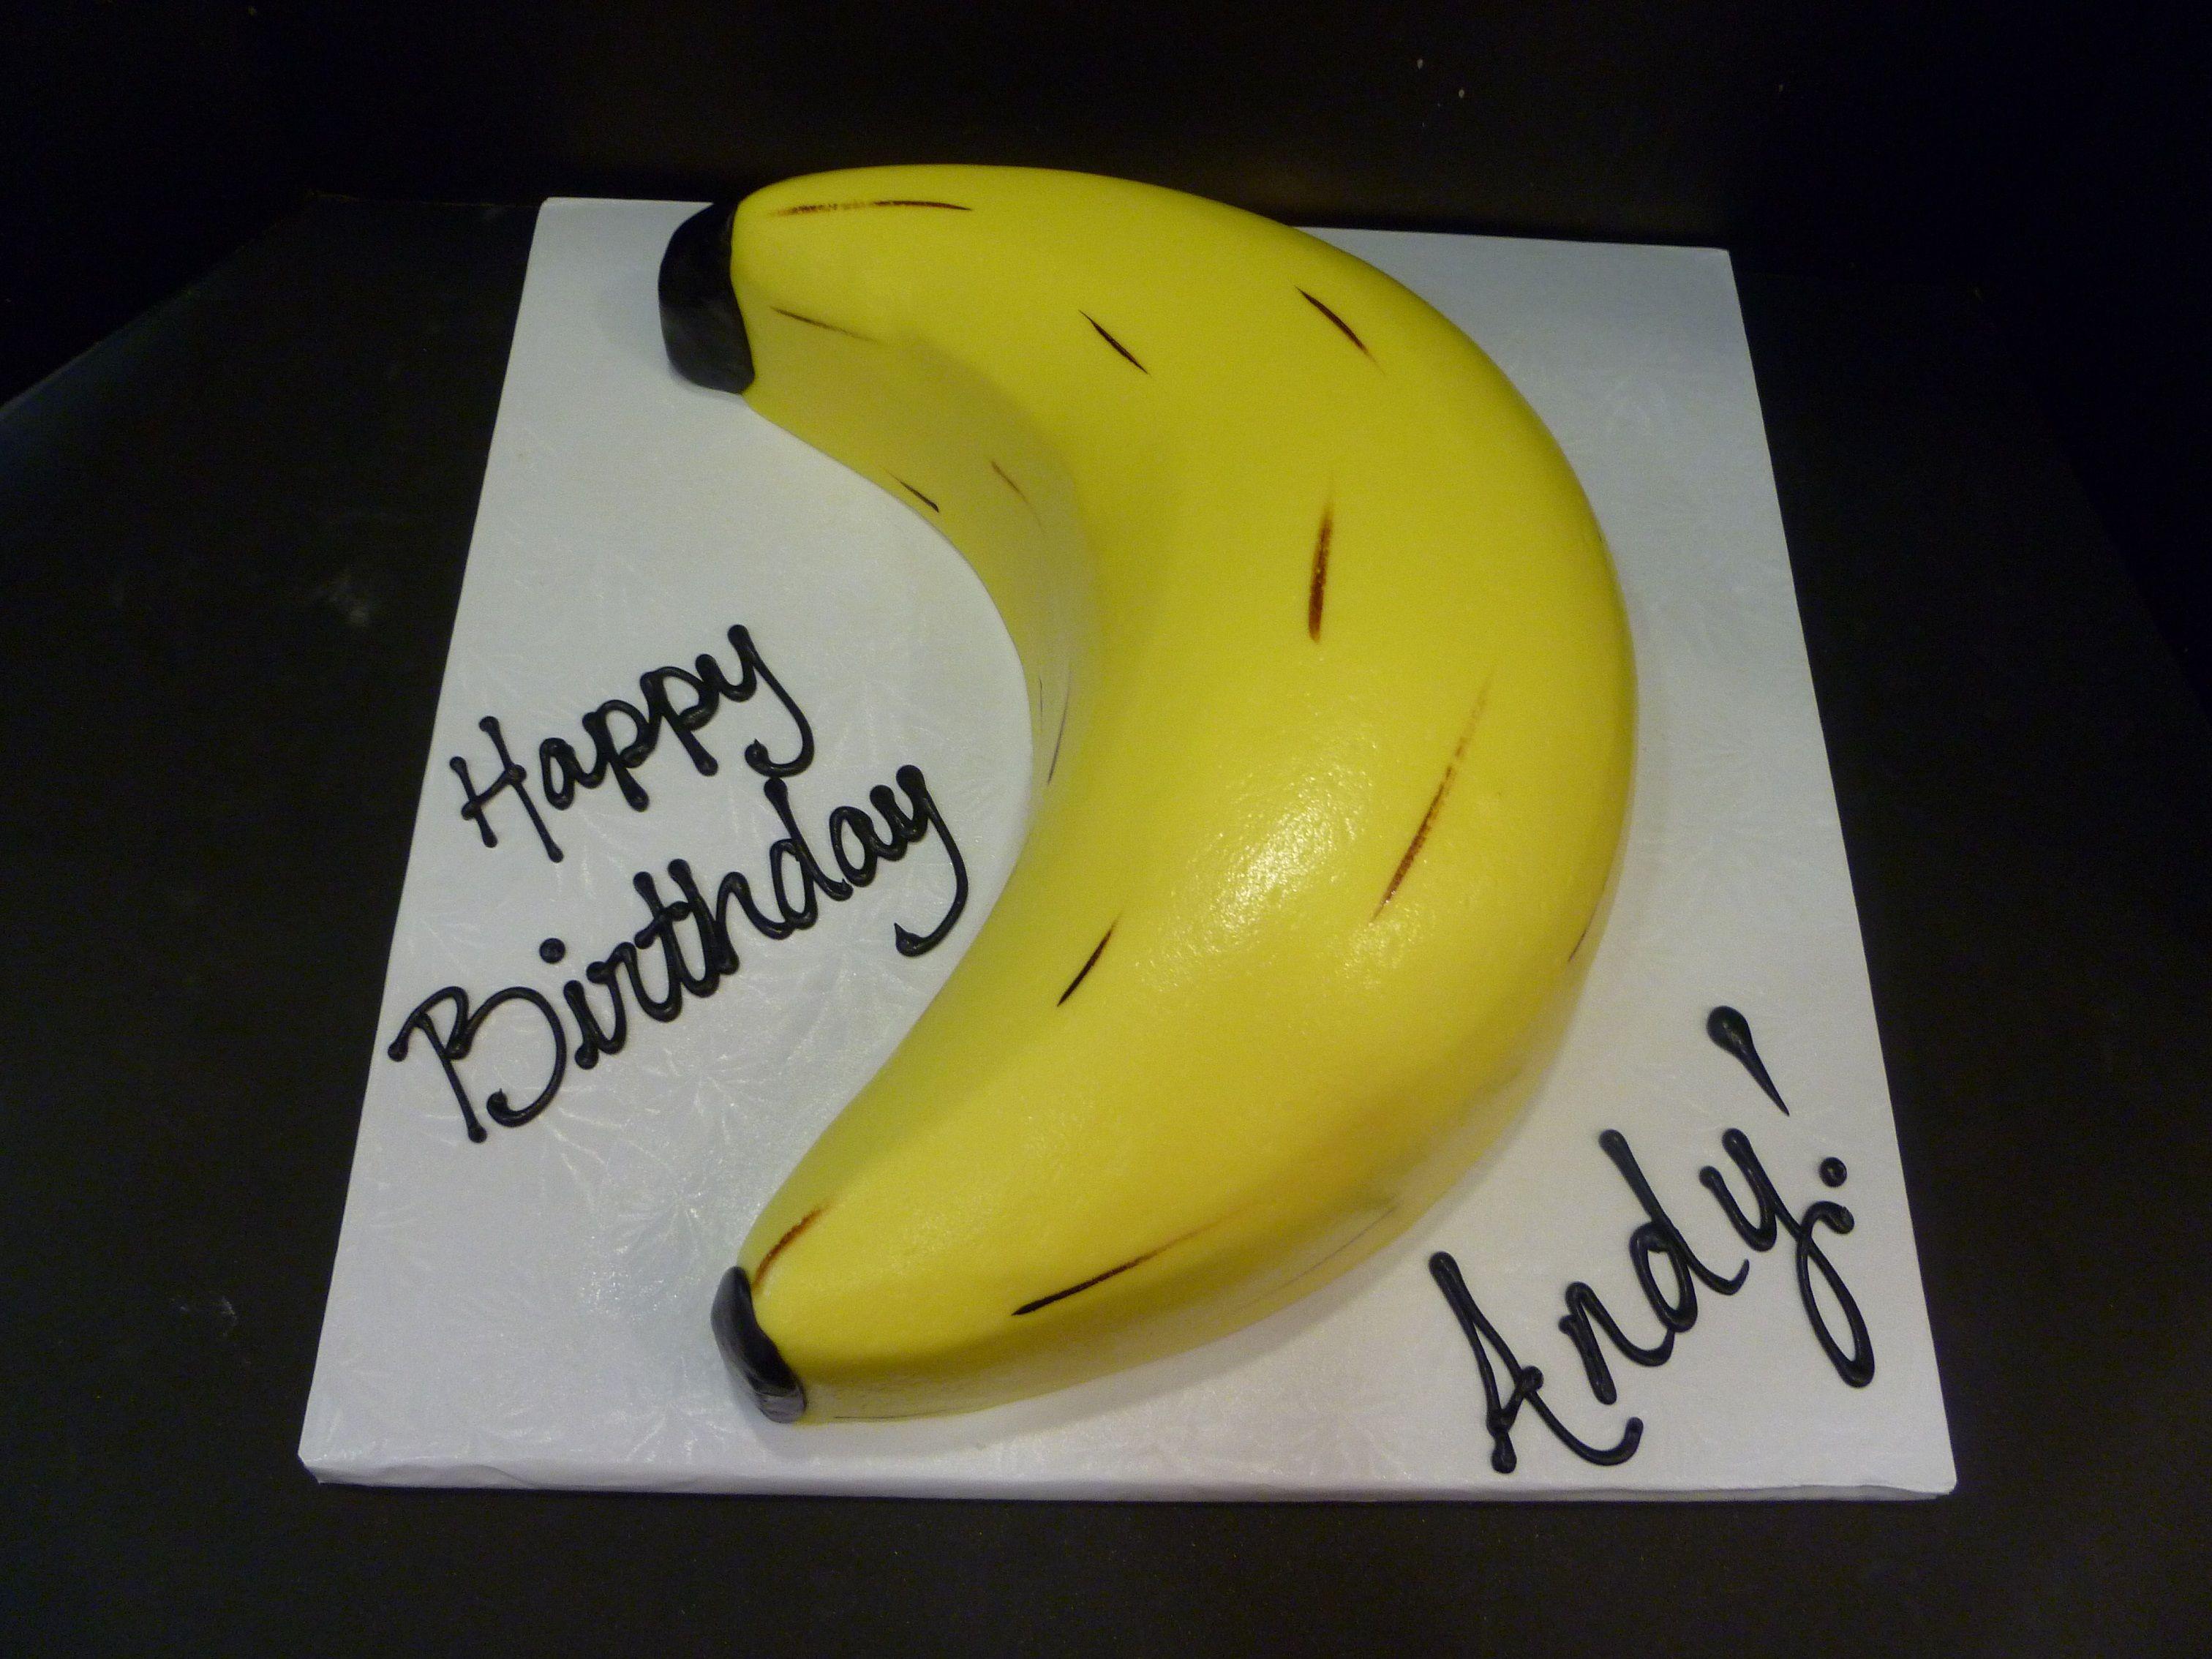 Minion Baking Banana Cake